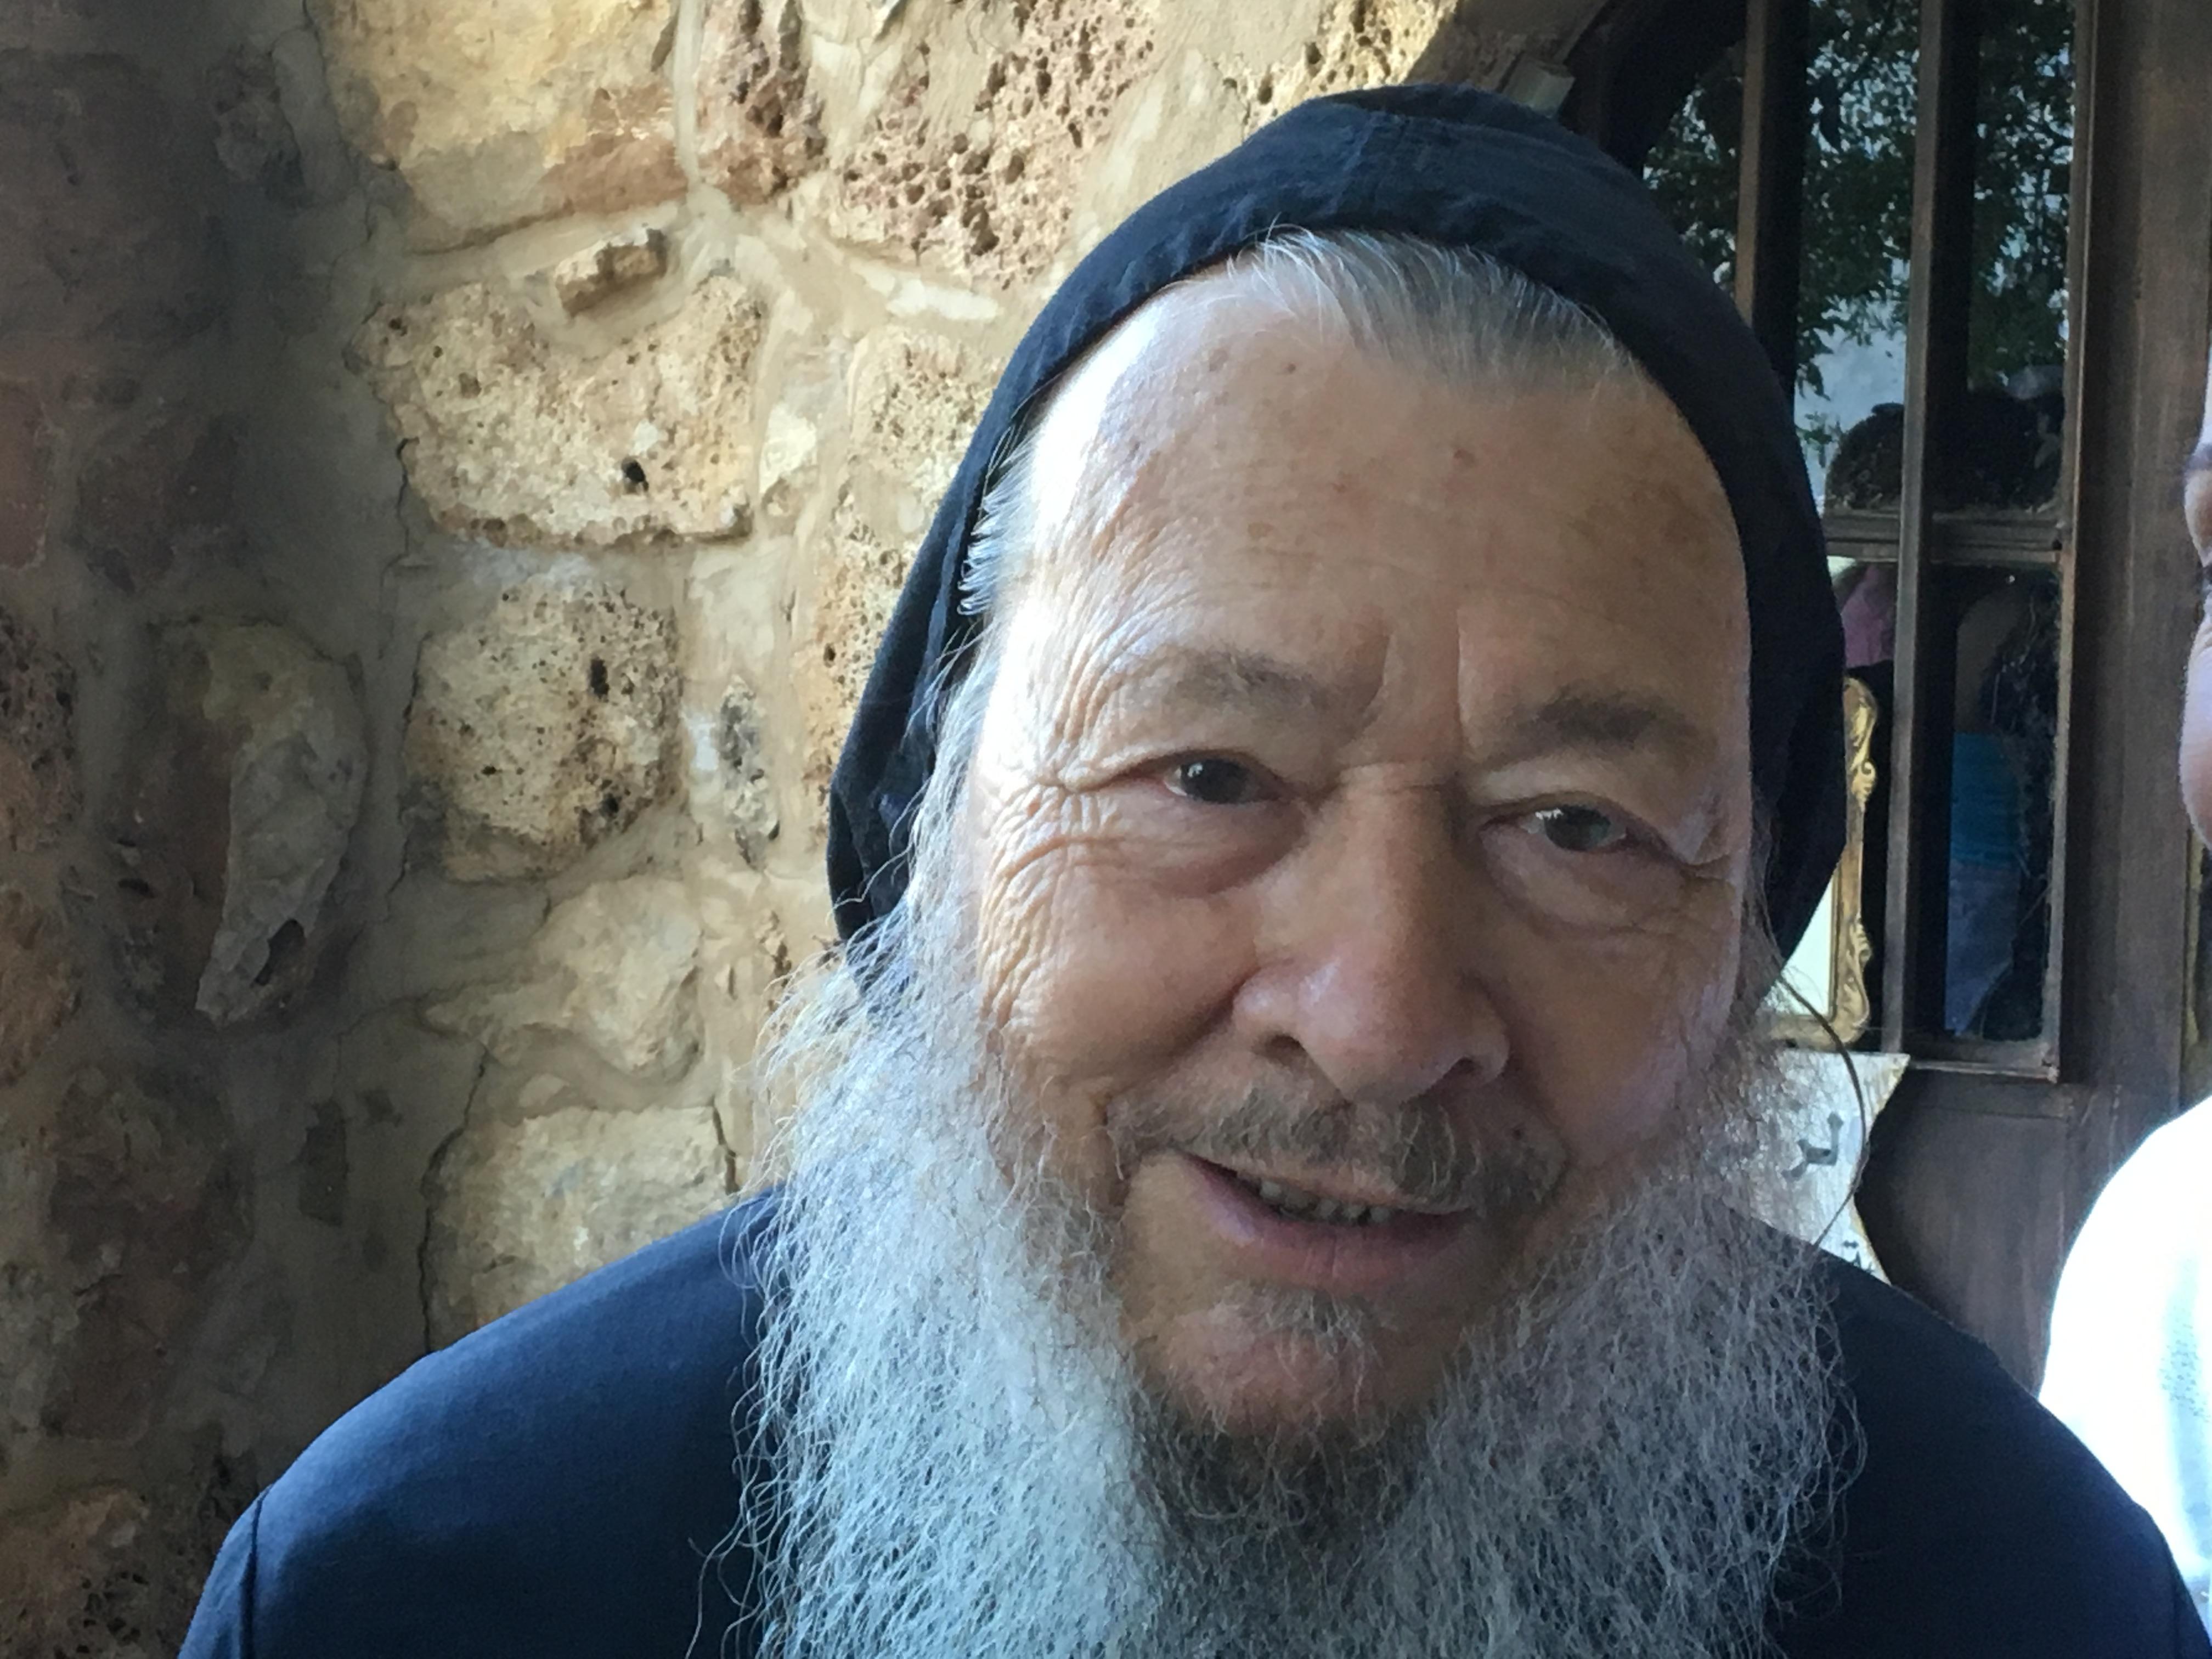 El padre Darío es doctor en Psicología, y ha sido profesor de Teología y griego. A pesar de que había nacido en el seno de una familia bien asentada en Medellín, dejó el confort de su vida para seguir a Dios en las montañas libanesas.